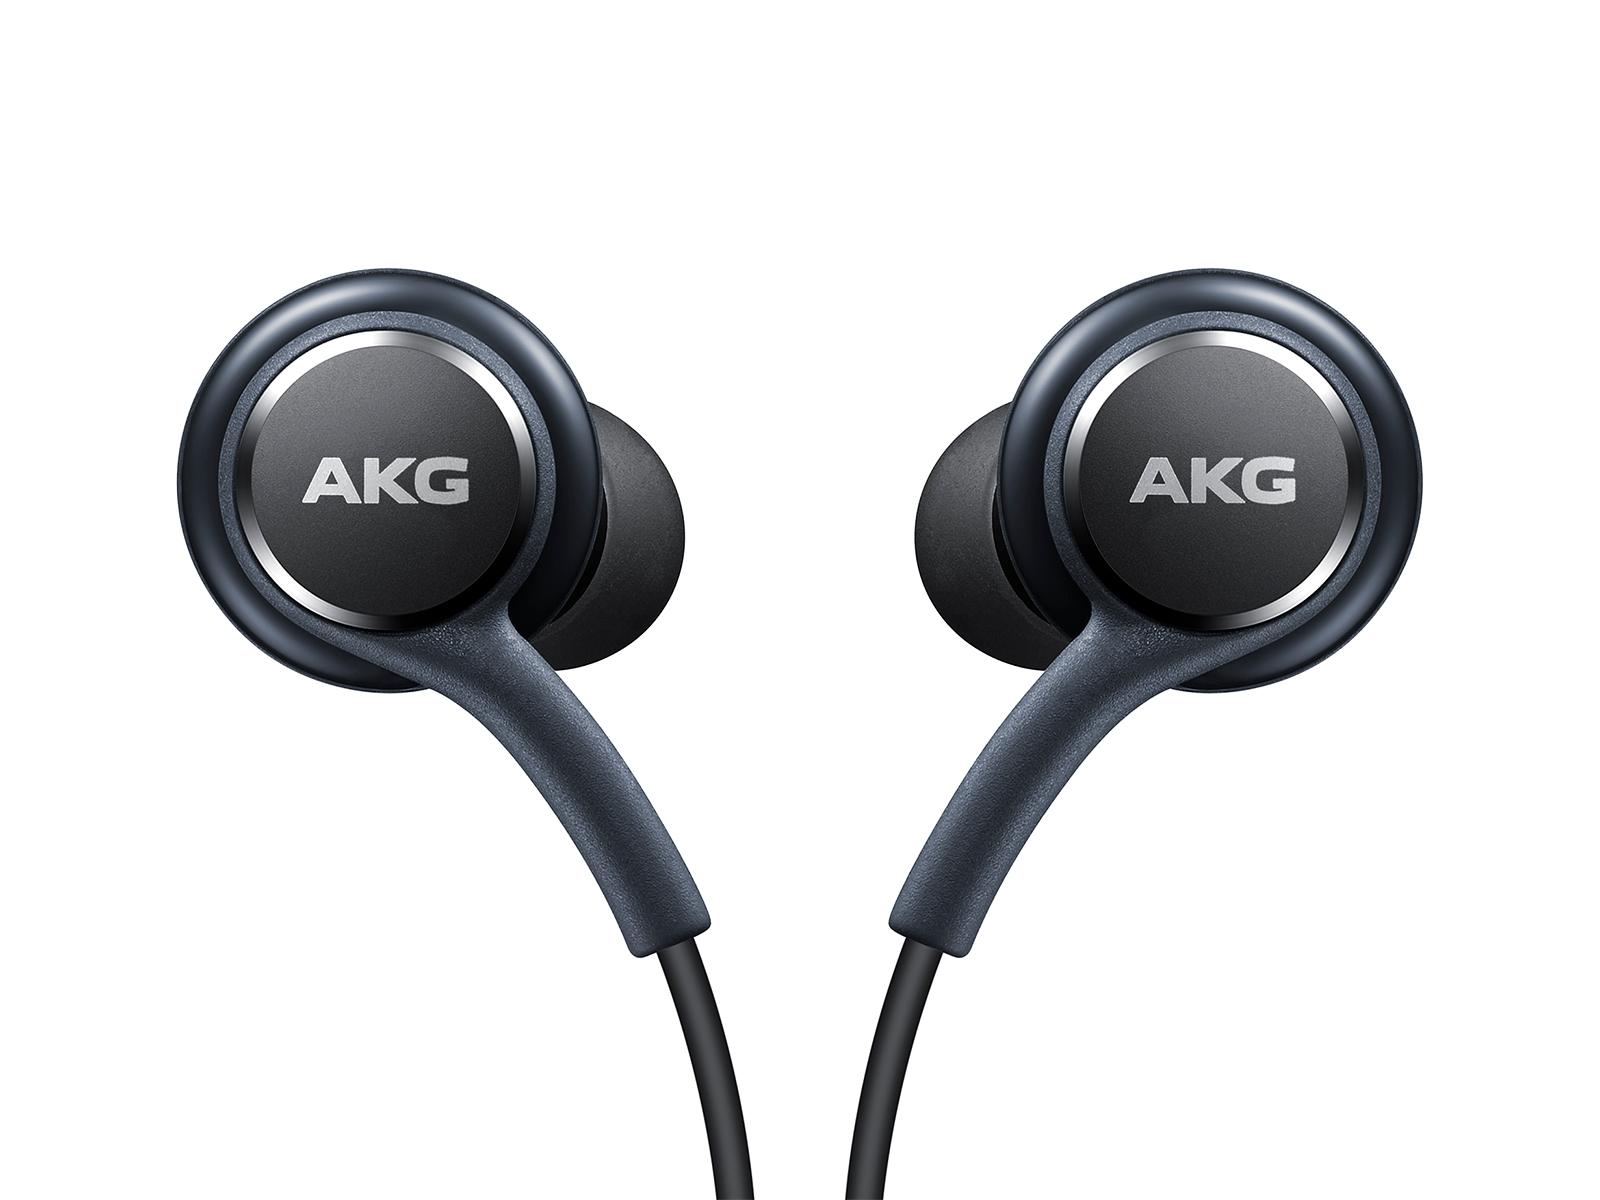 Samsung Earphones Tuned By Akg Gray Headphones Eo Ig955bsegus Samsung Us